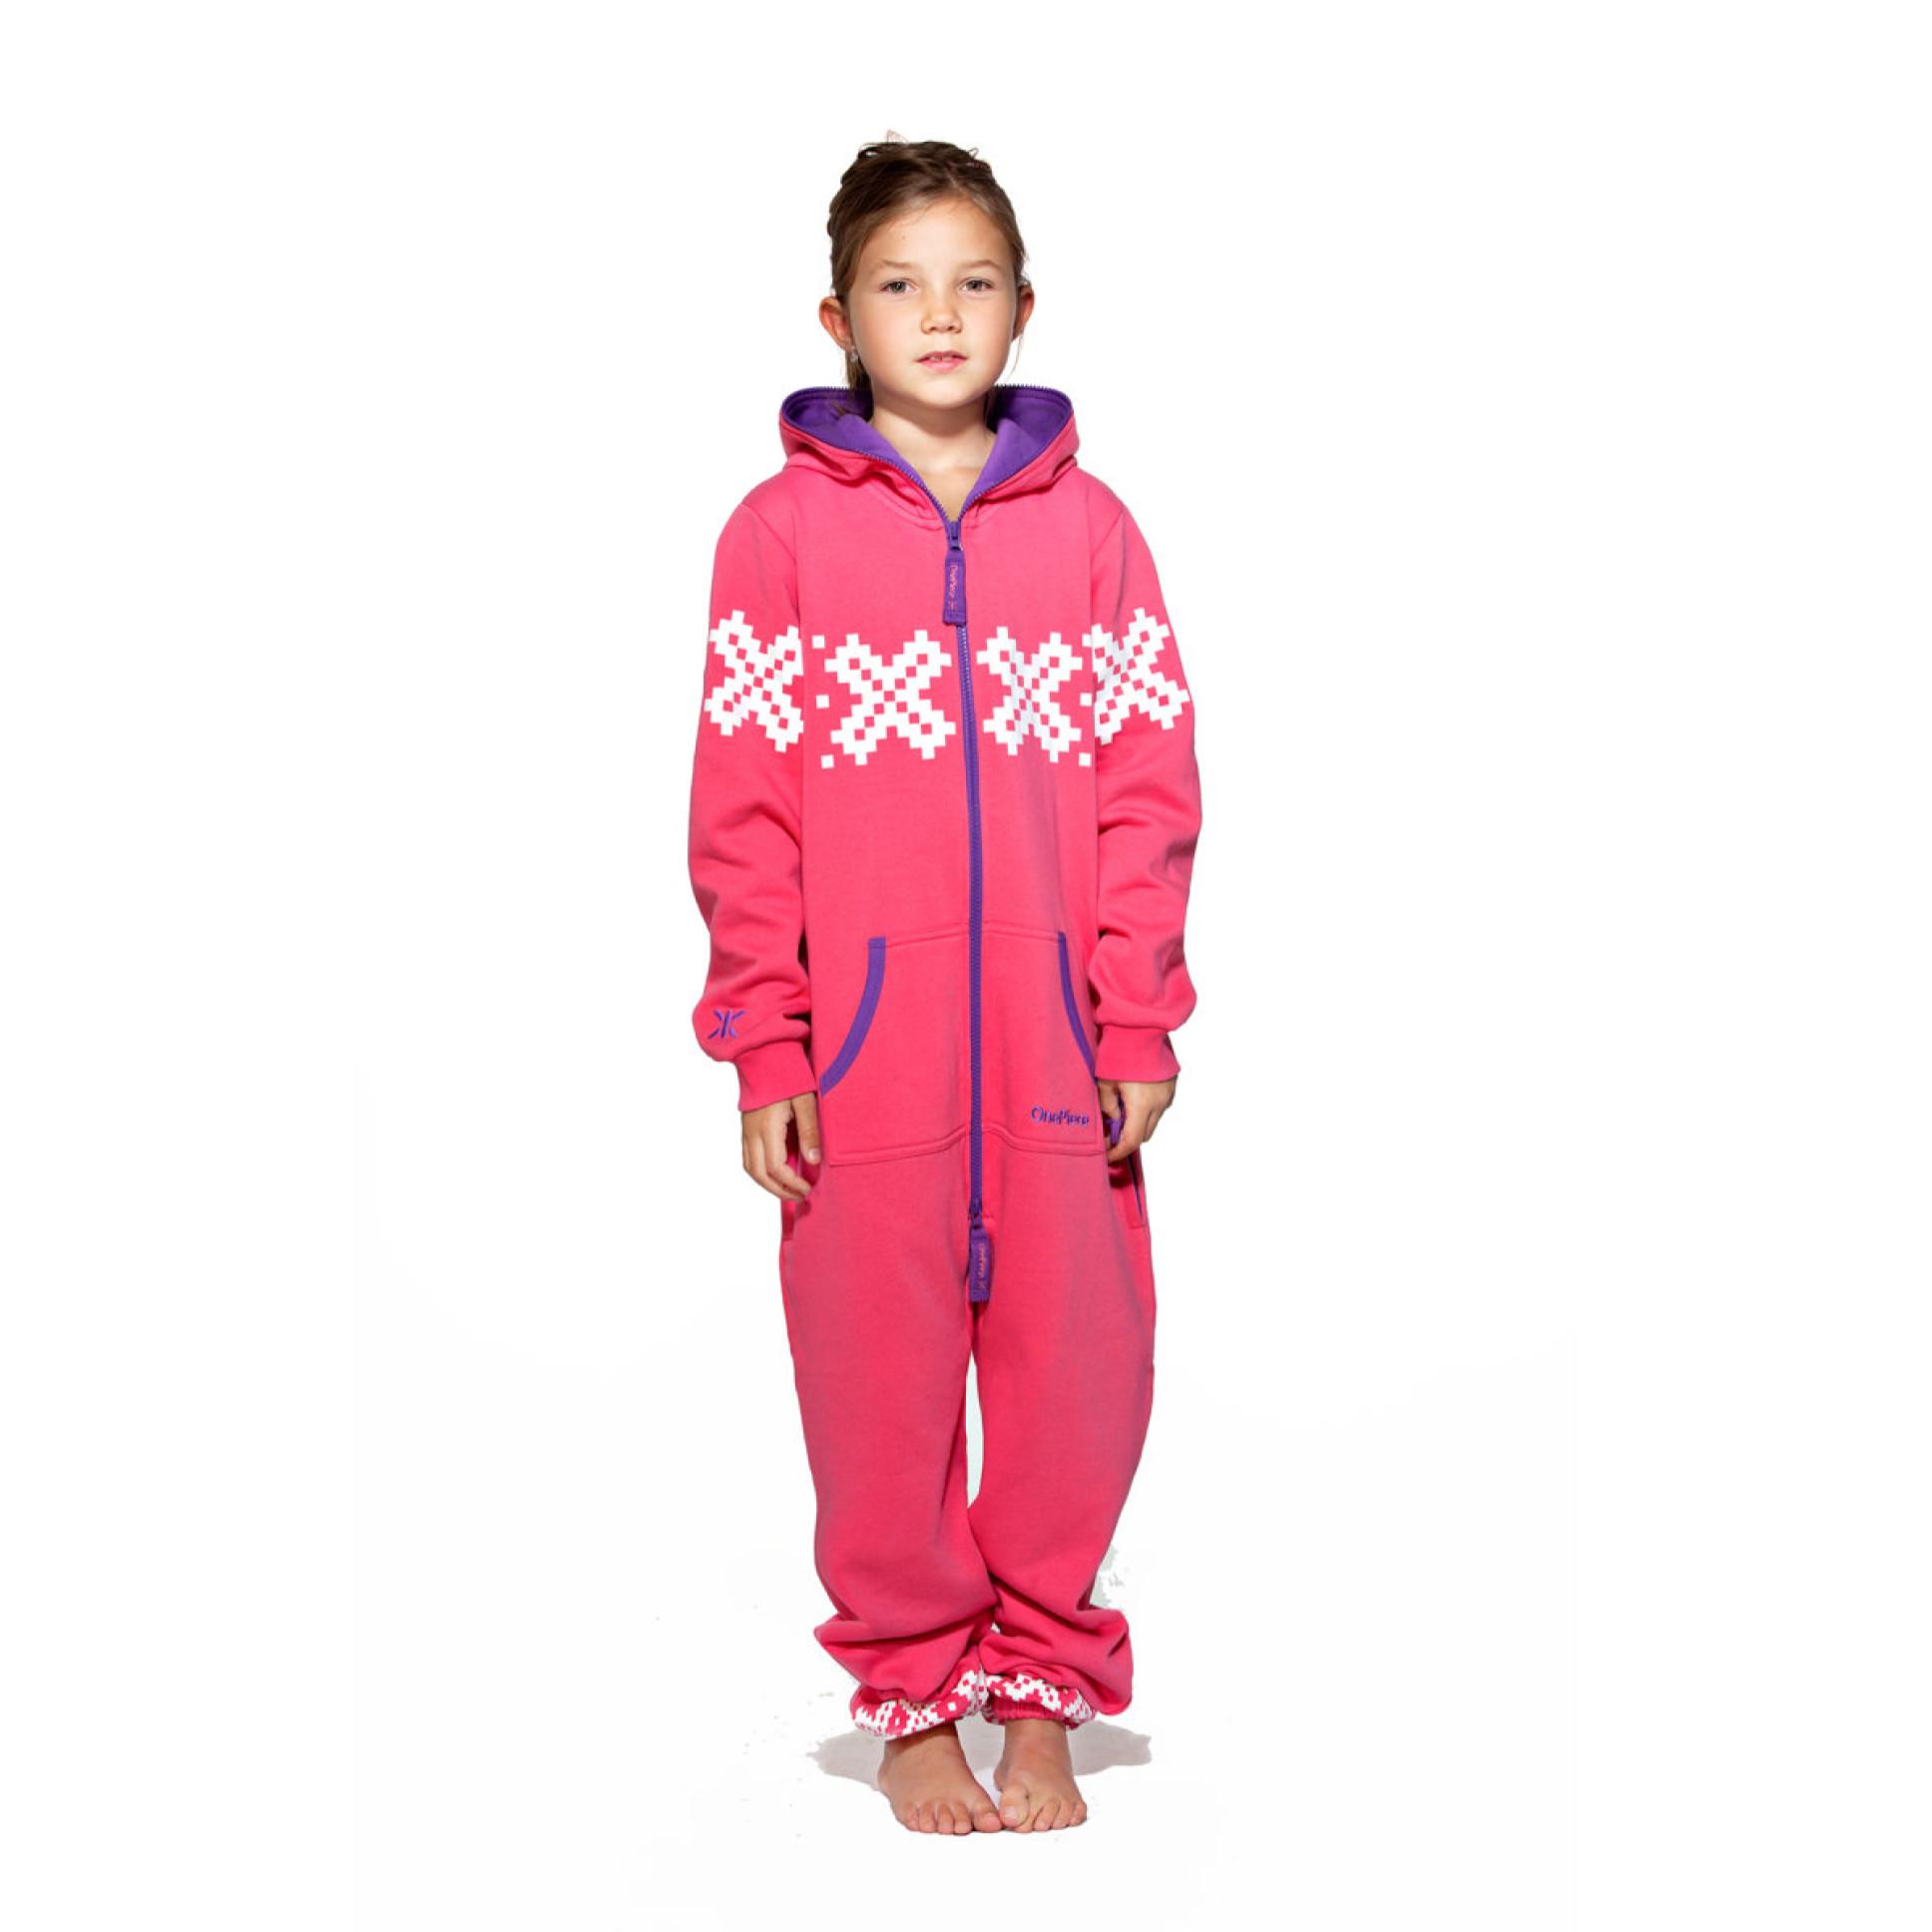 Onepiece Kids Nordic Onesie In Pink - Unisex Onesie